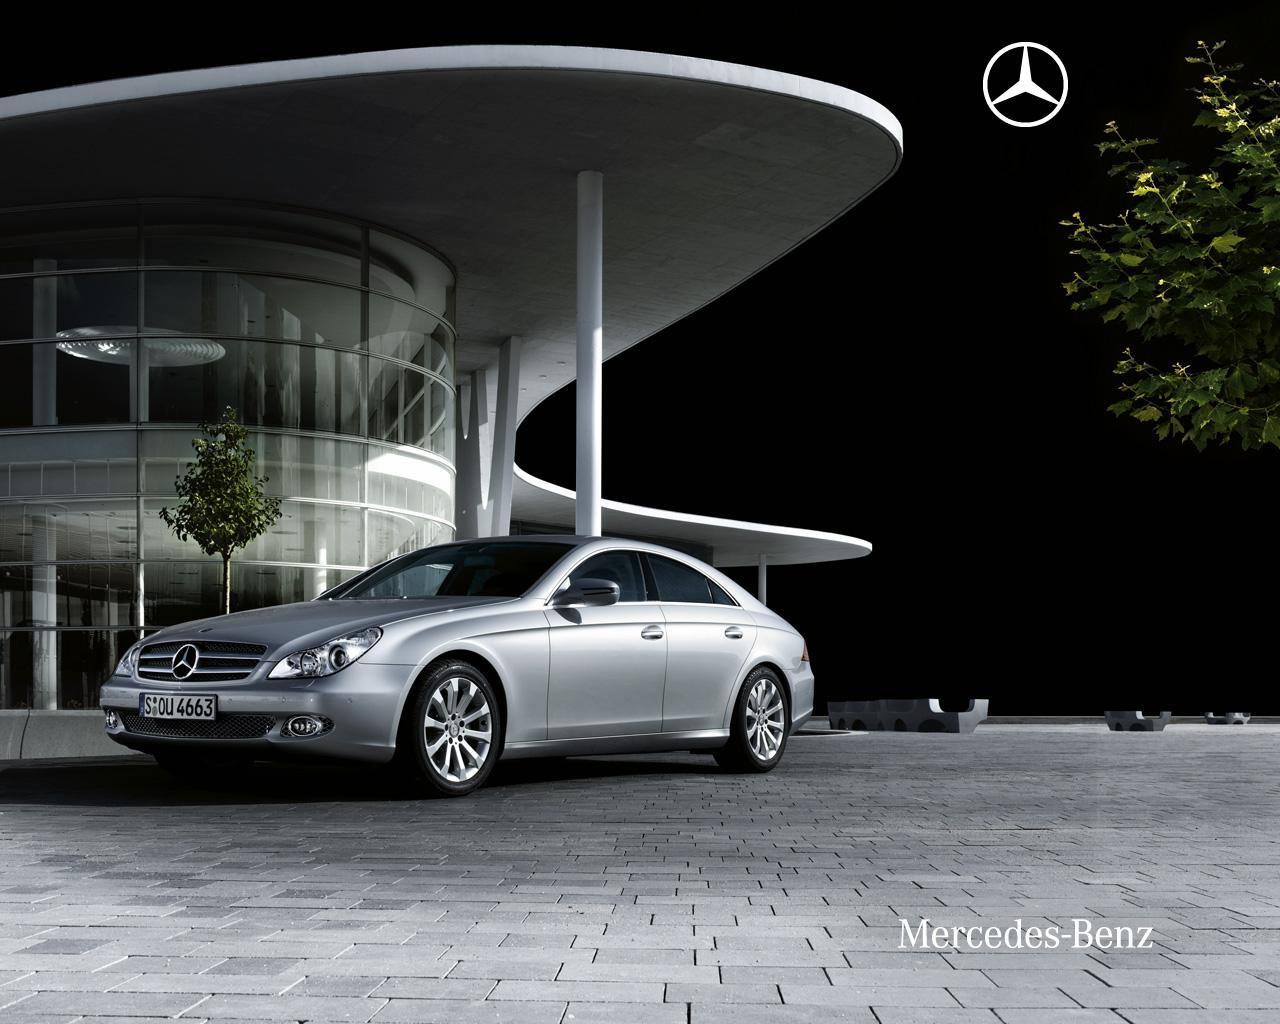 2009 Mercedes Benz CLS-Class